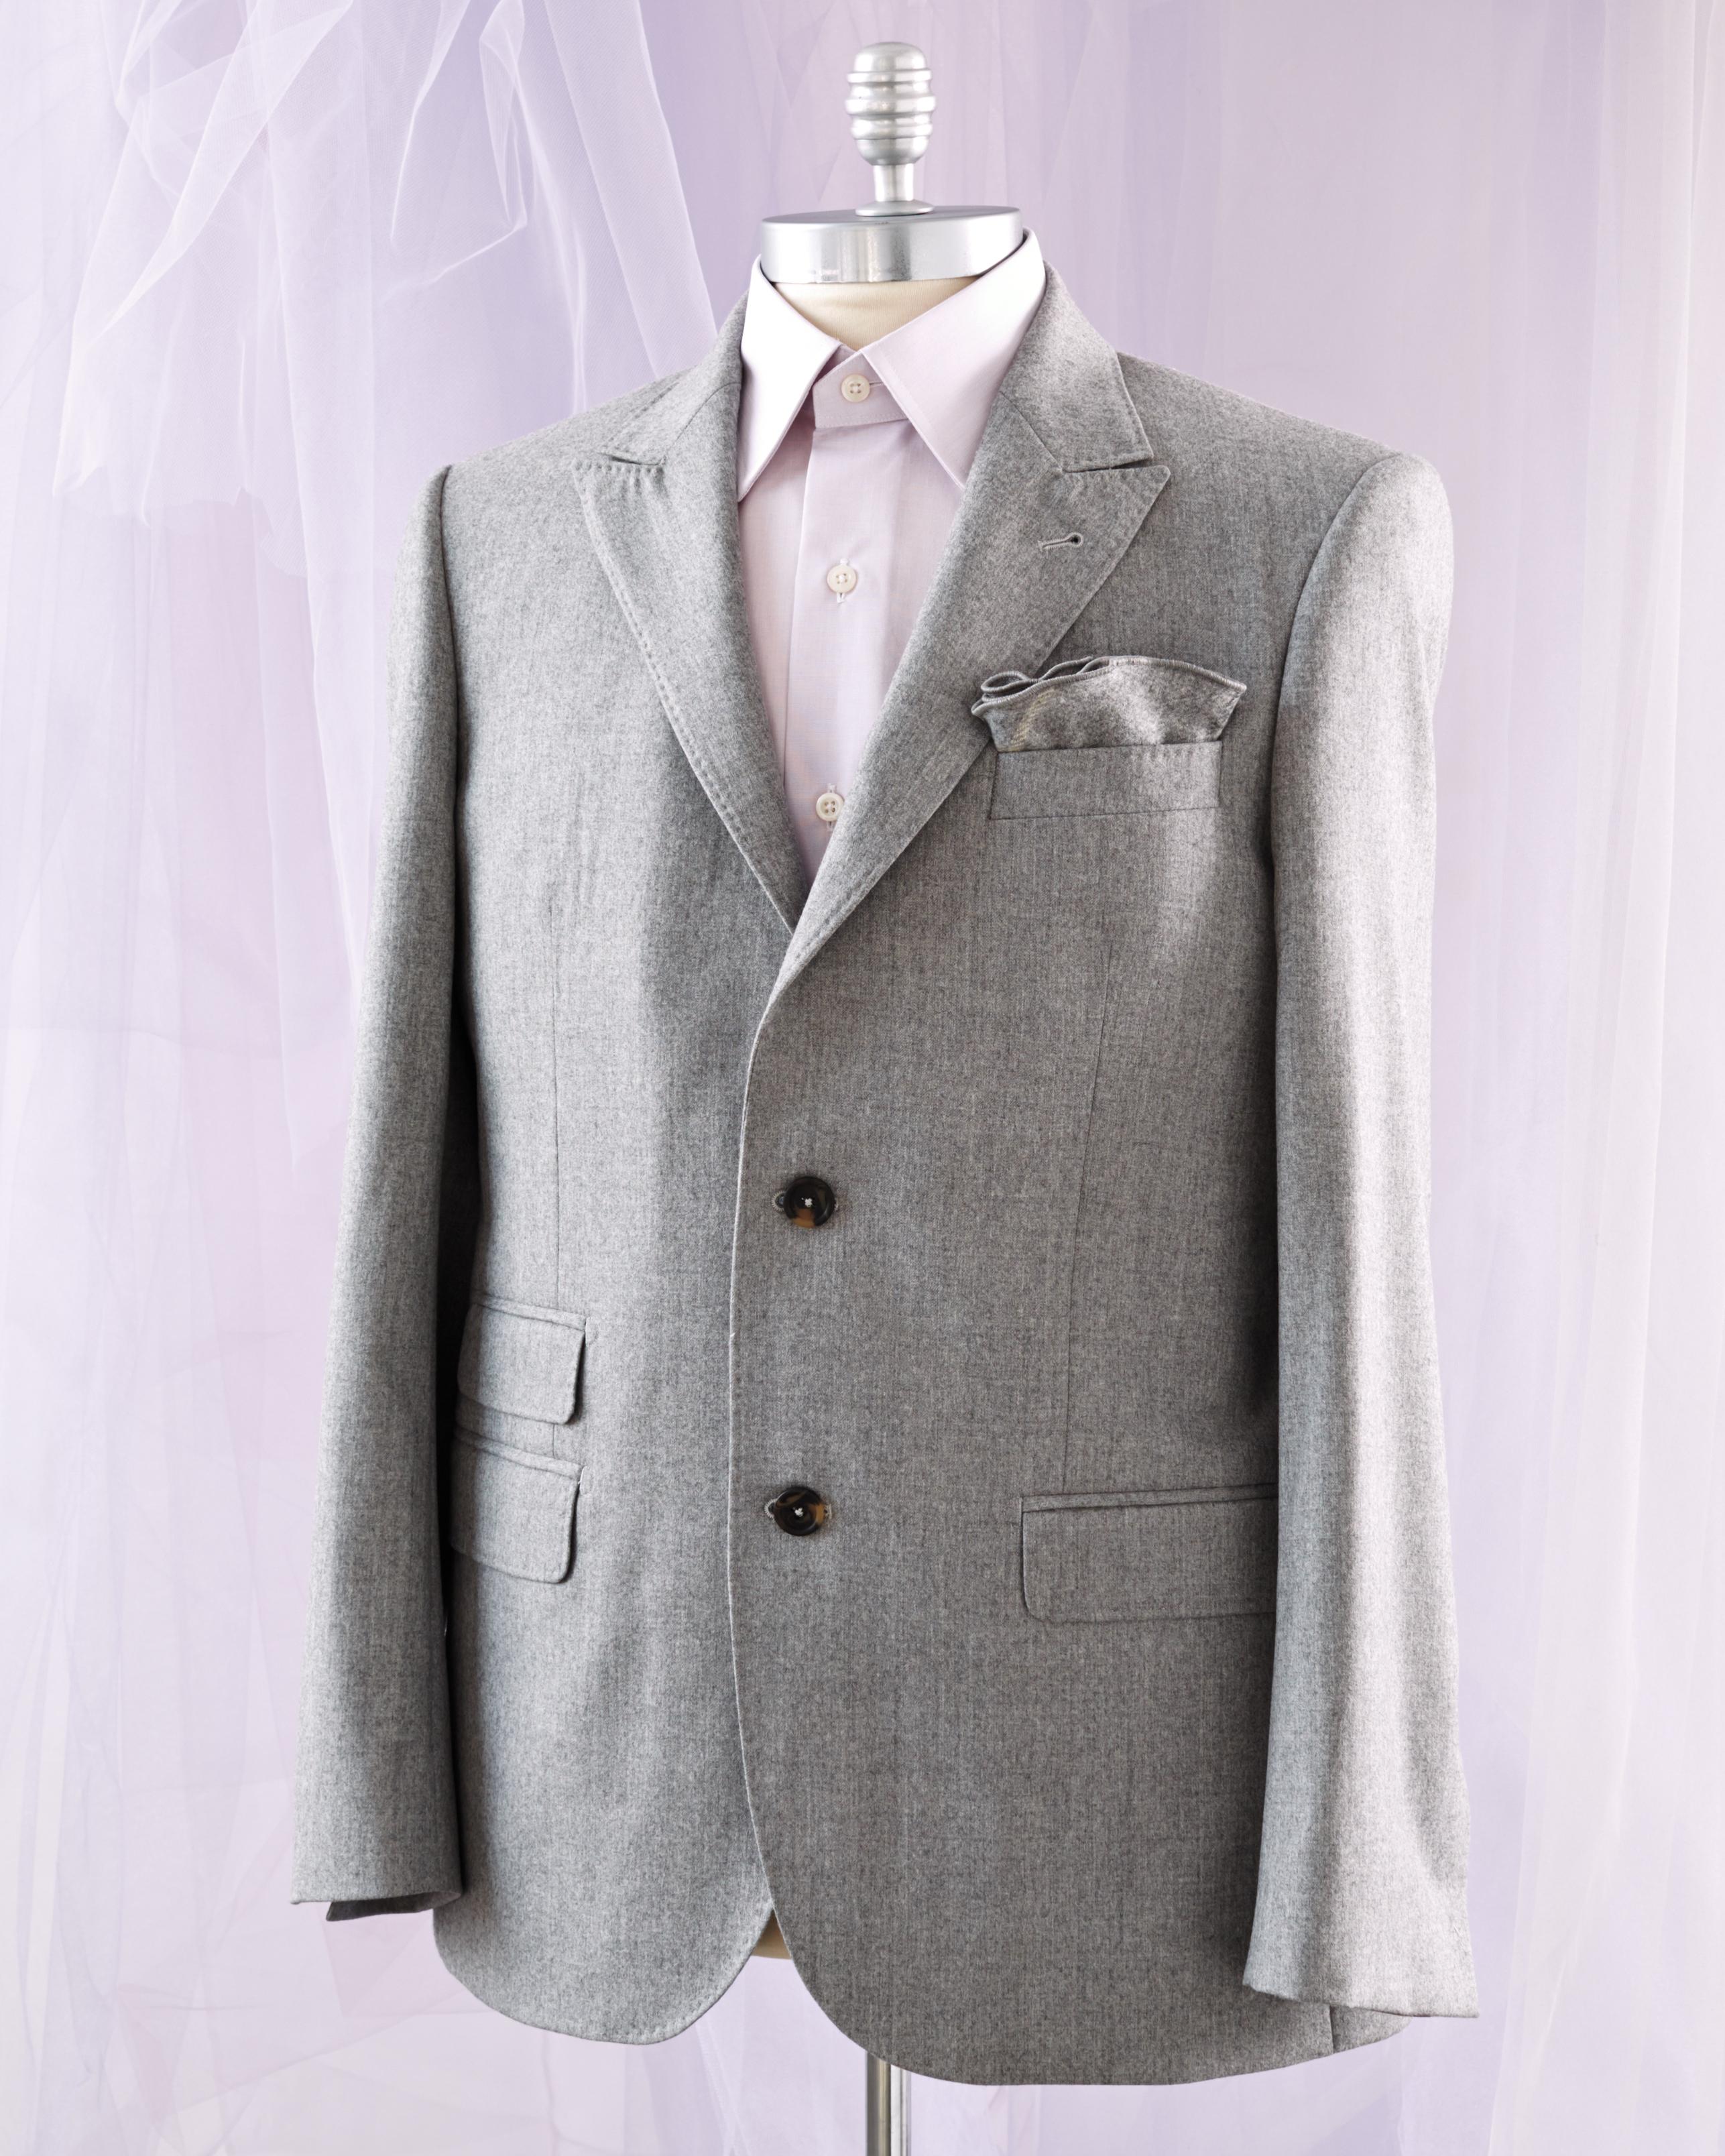 suit-196-d112421.jpg